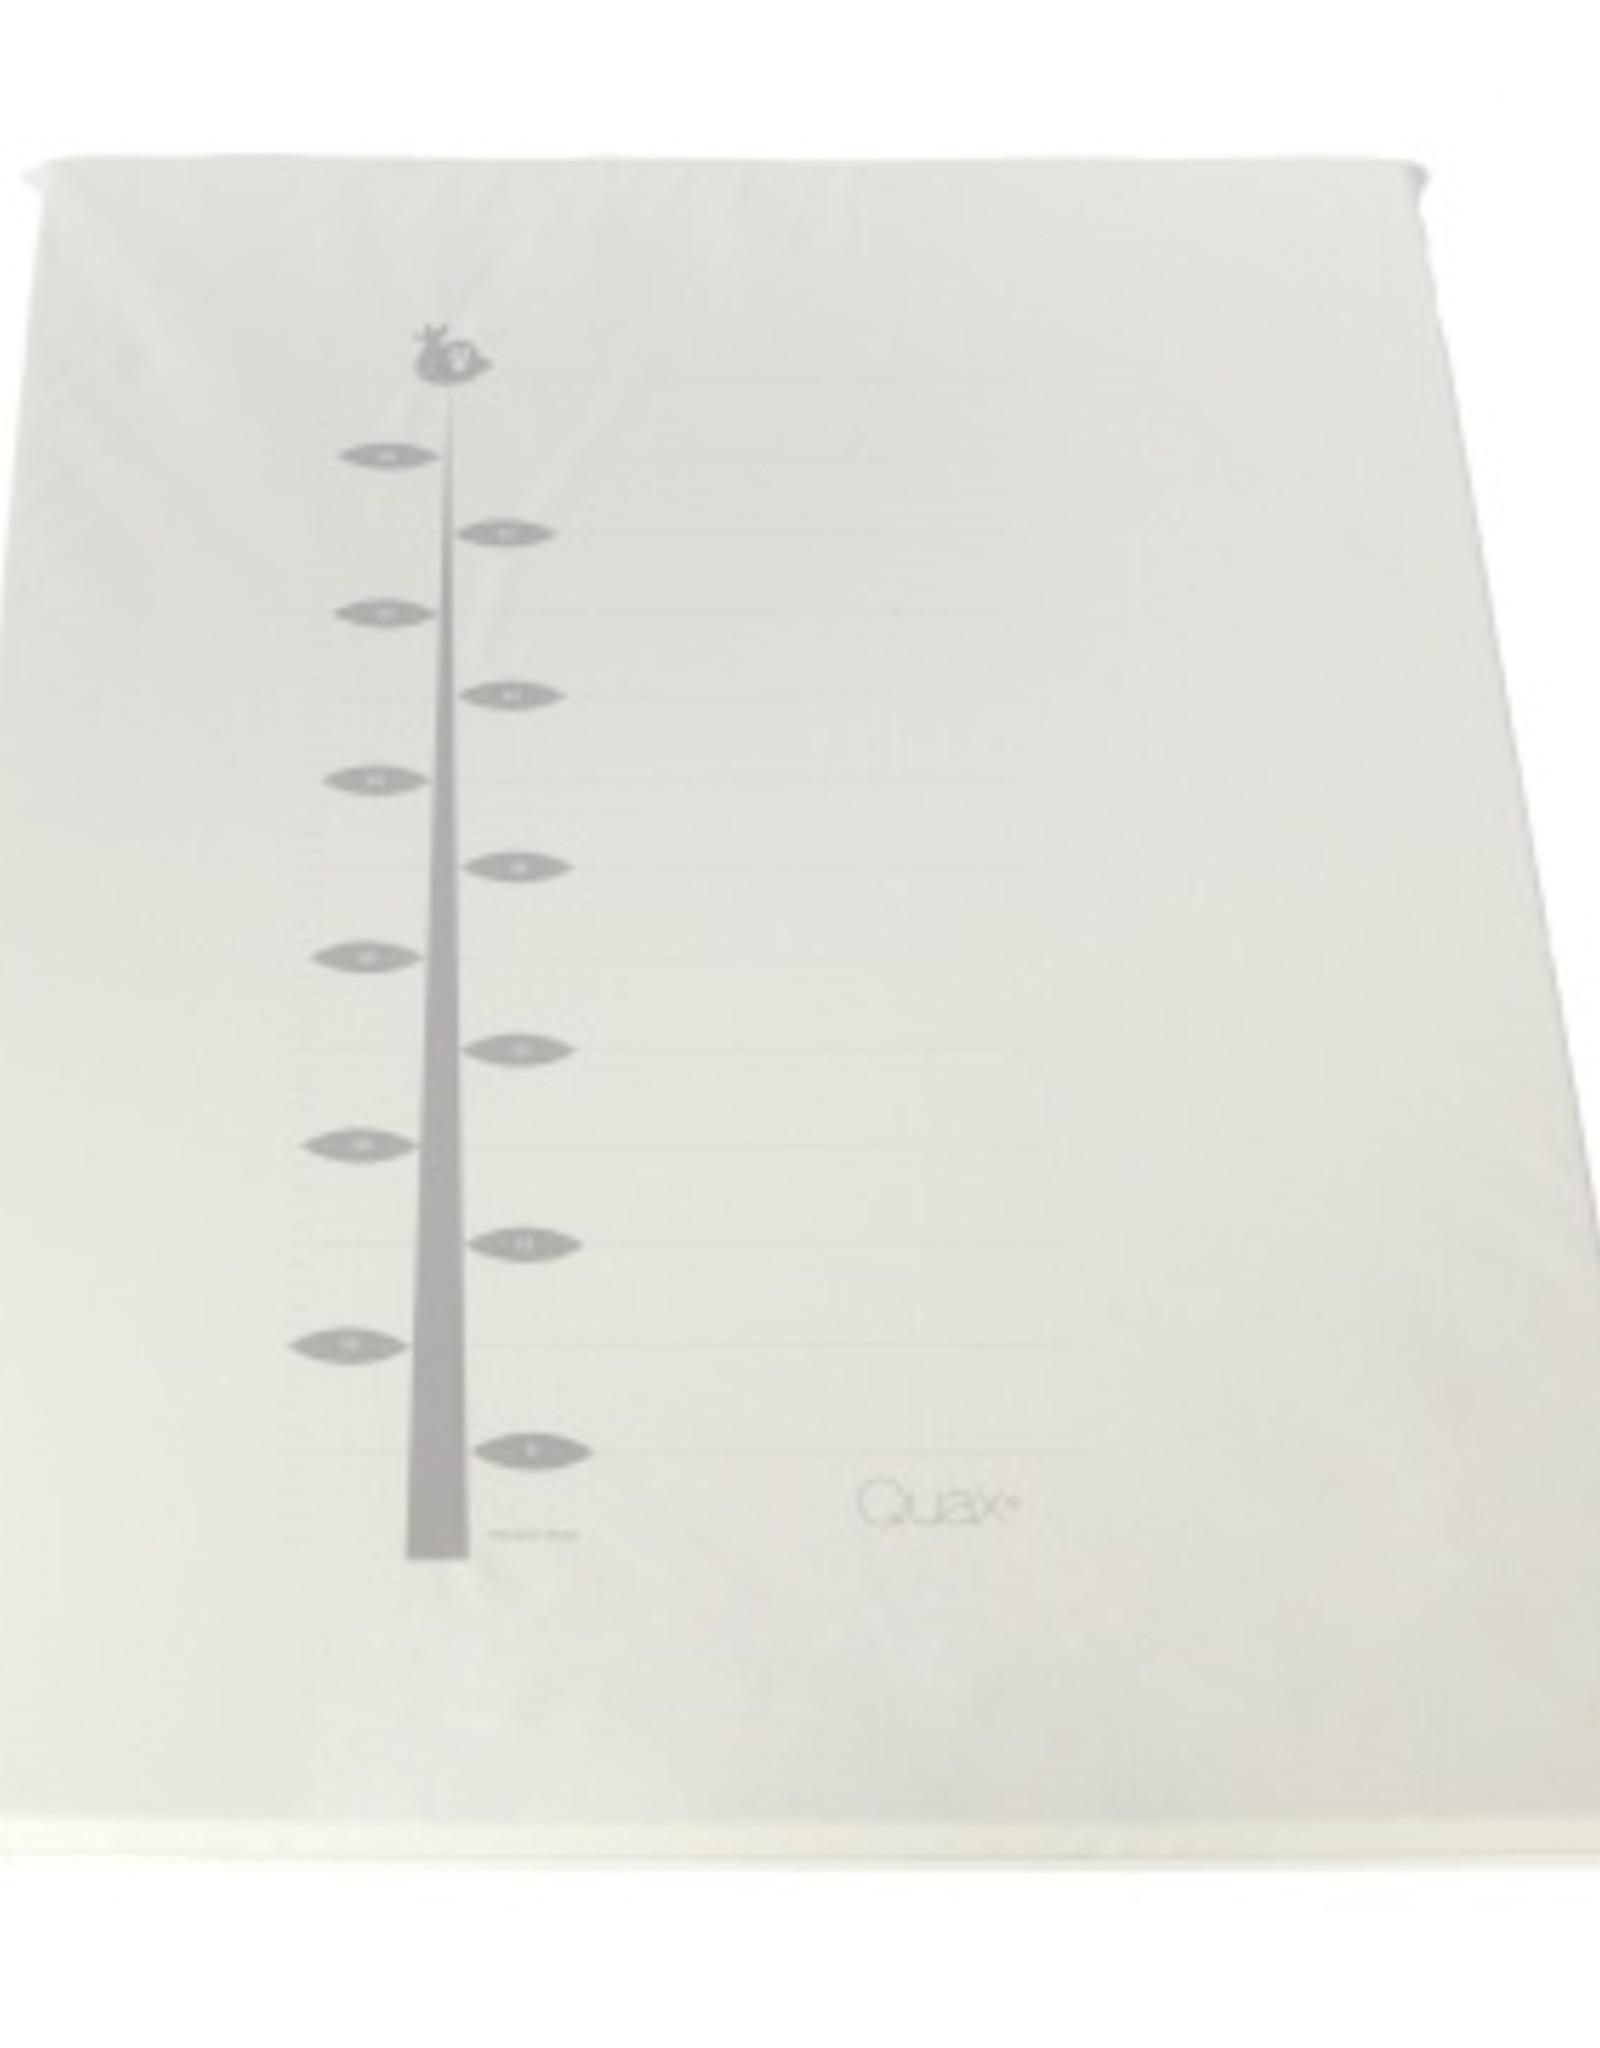 Quax Playpen Mat Pvc - Ruler - White